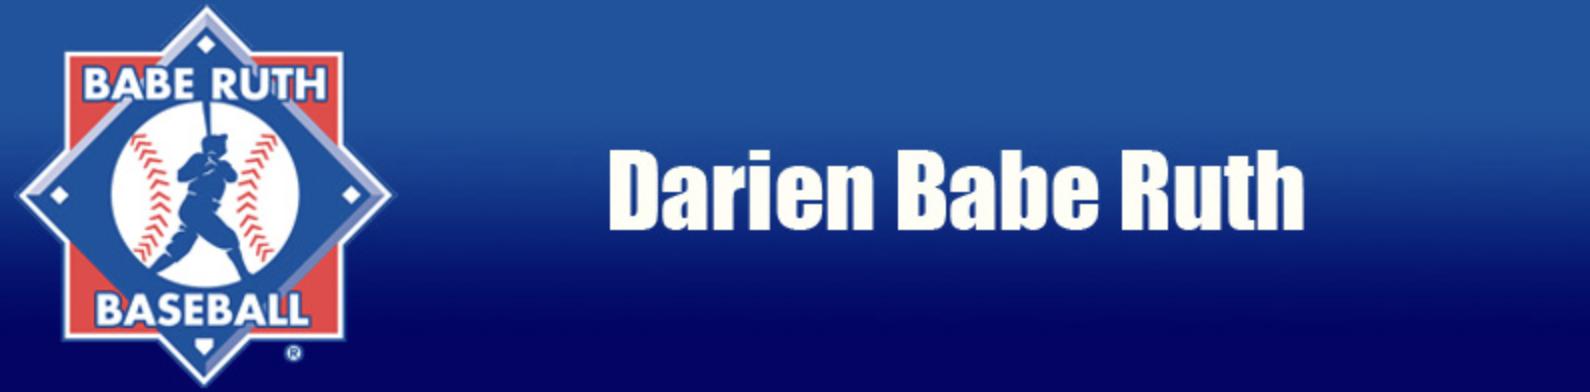 Darien Babe Ruth Baseball Logo